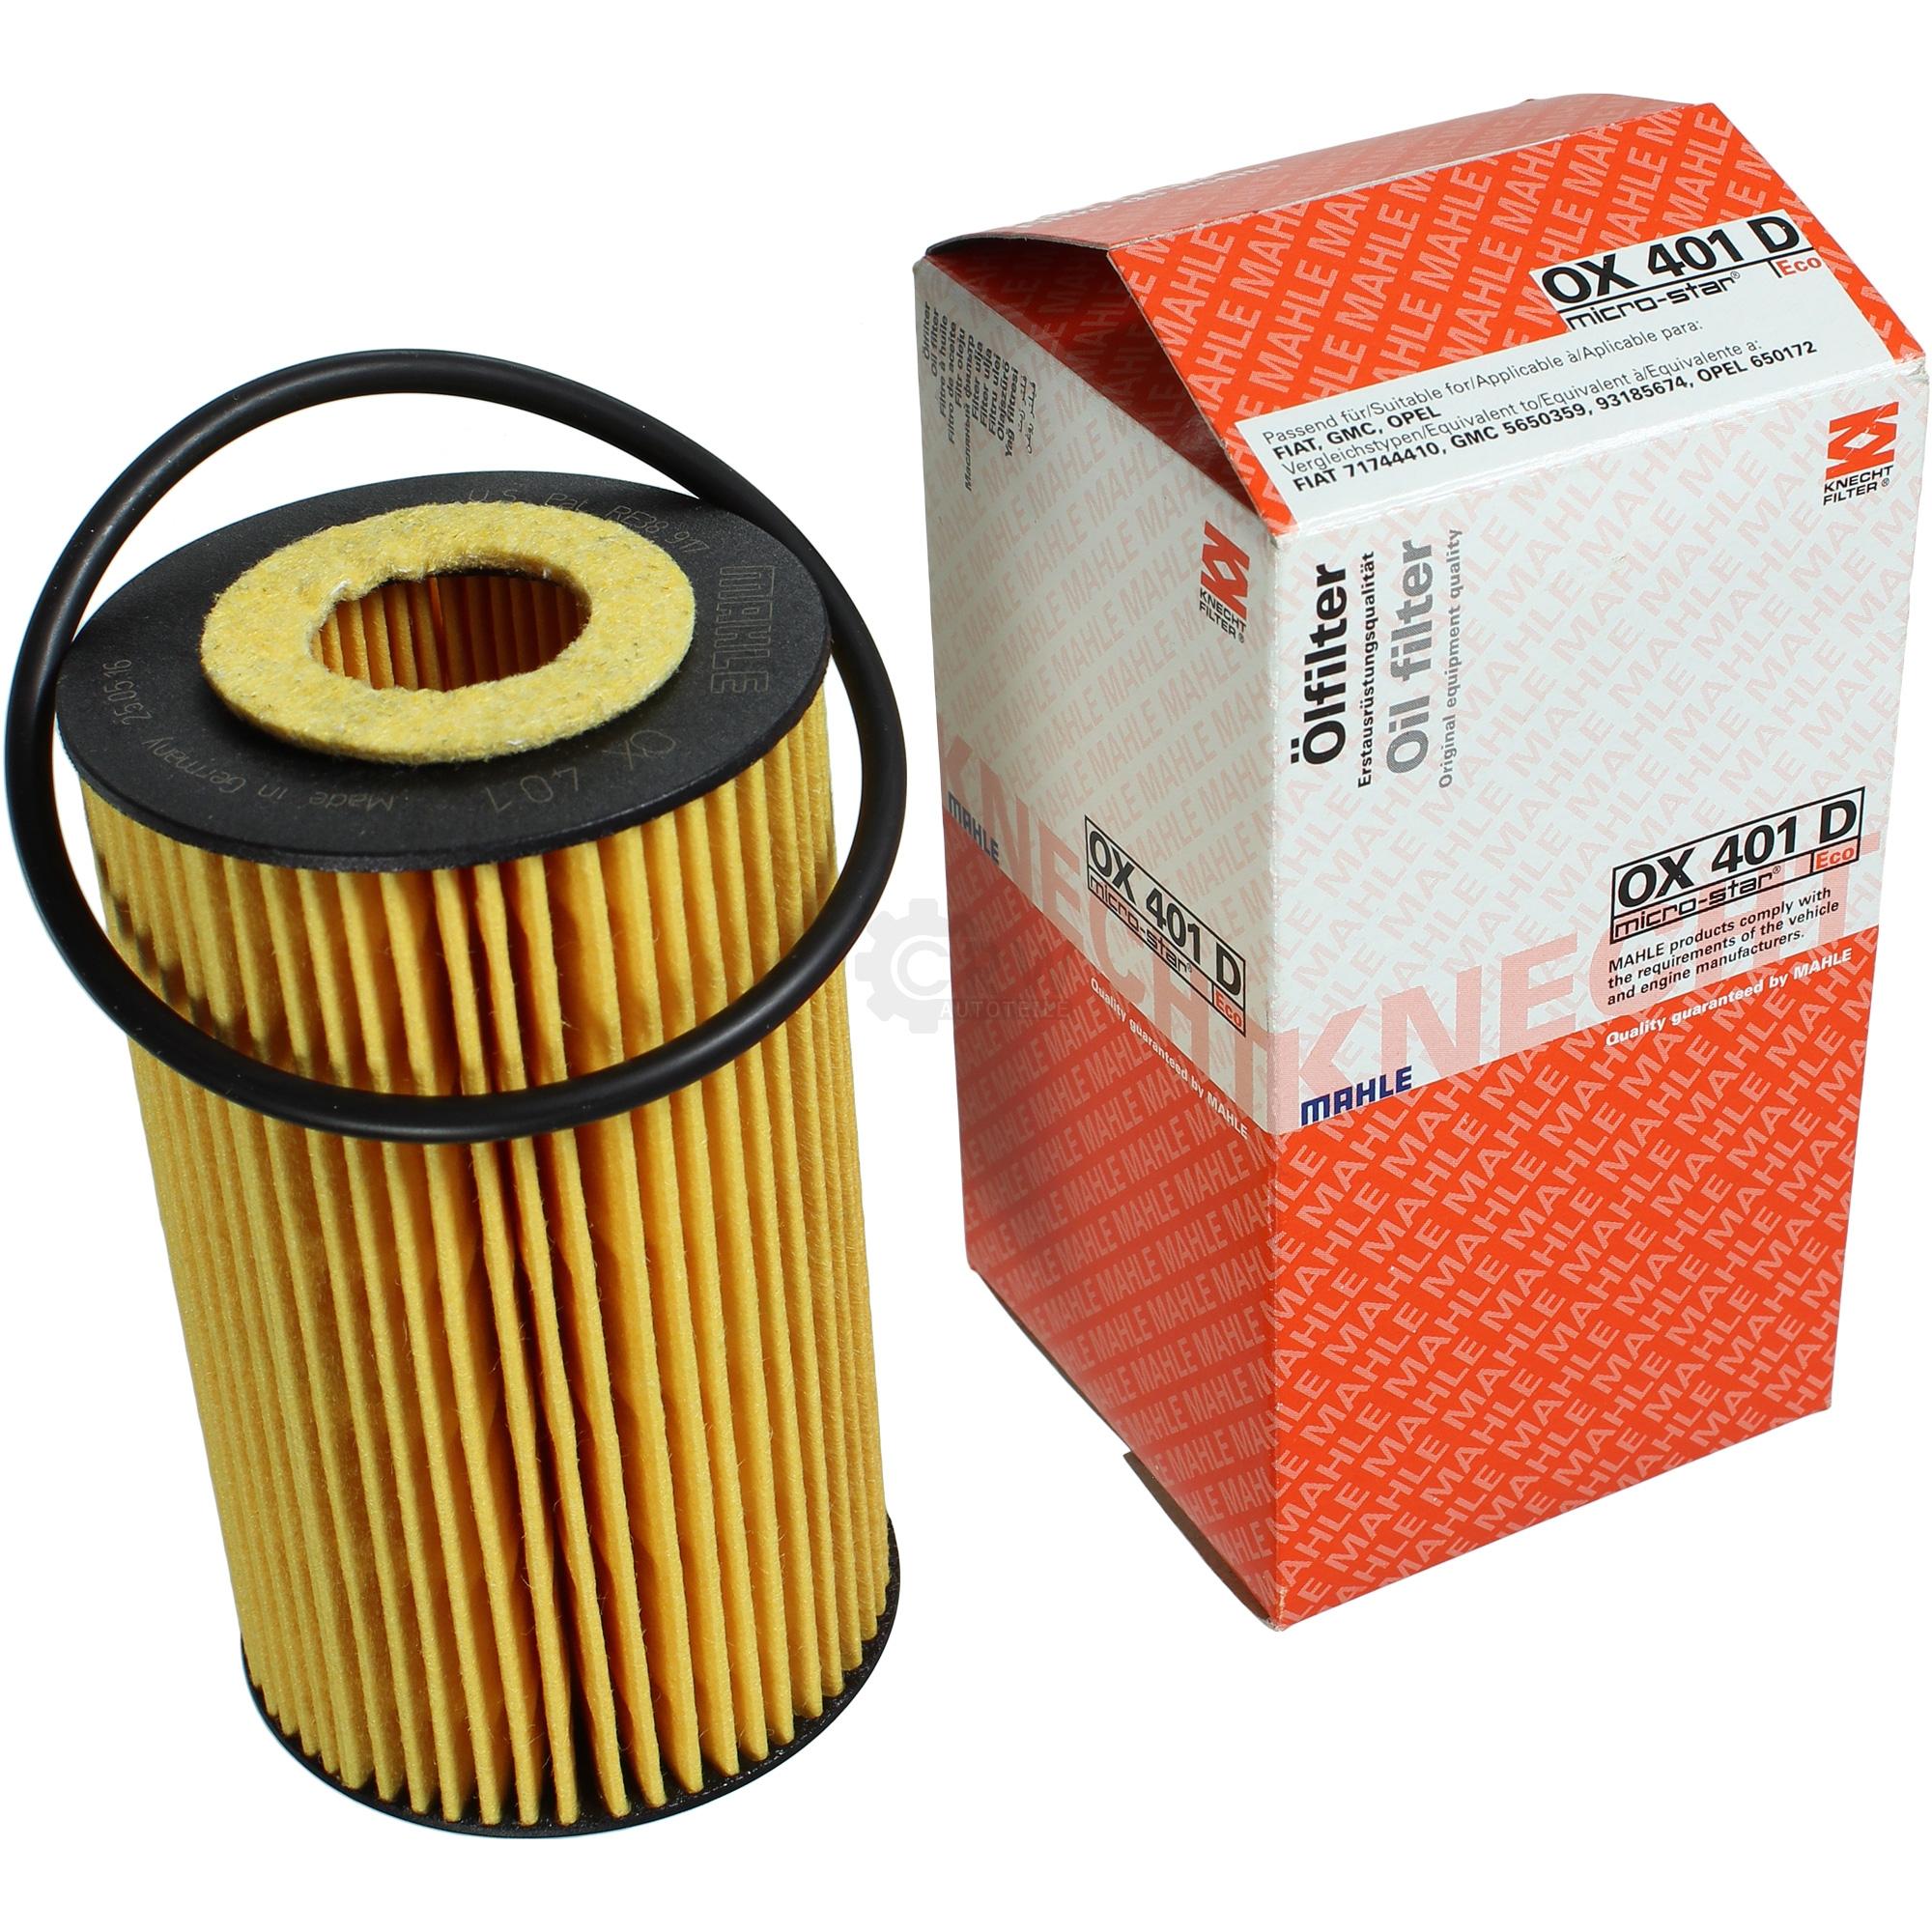 OX401DA фильтр масляный Knecht/Mahle